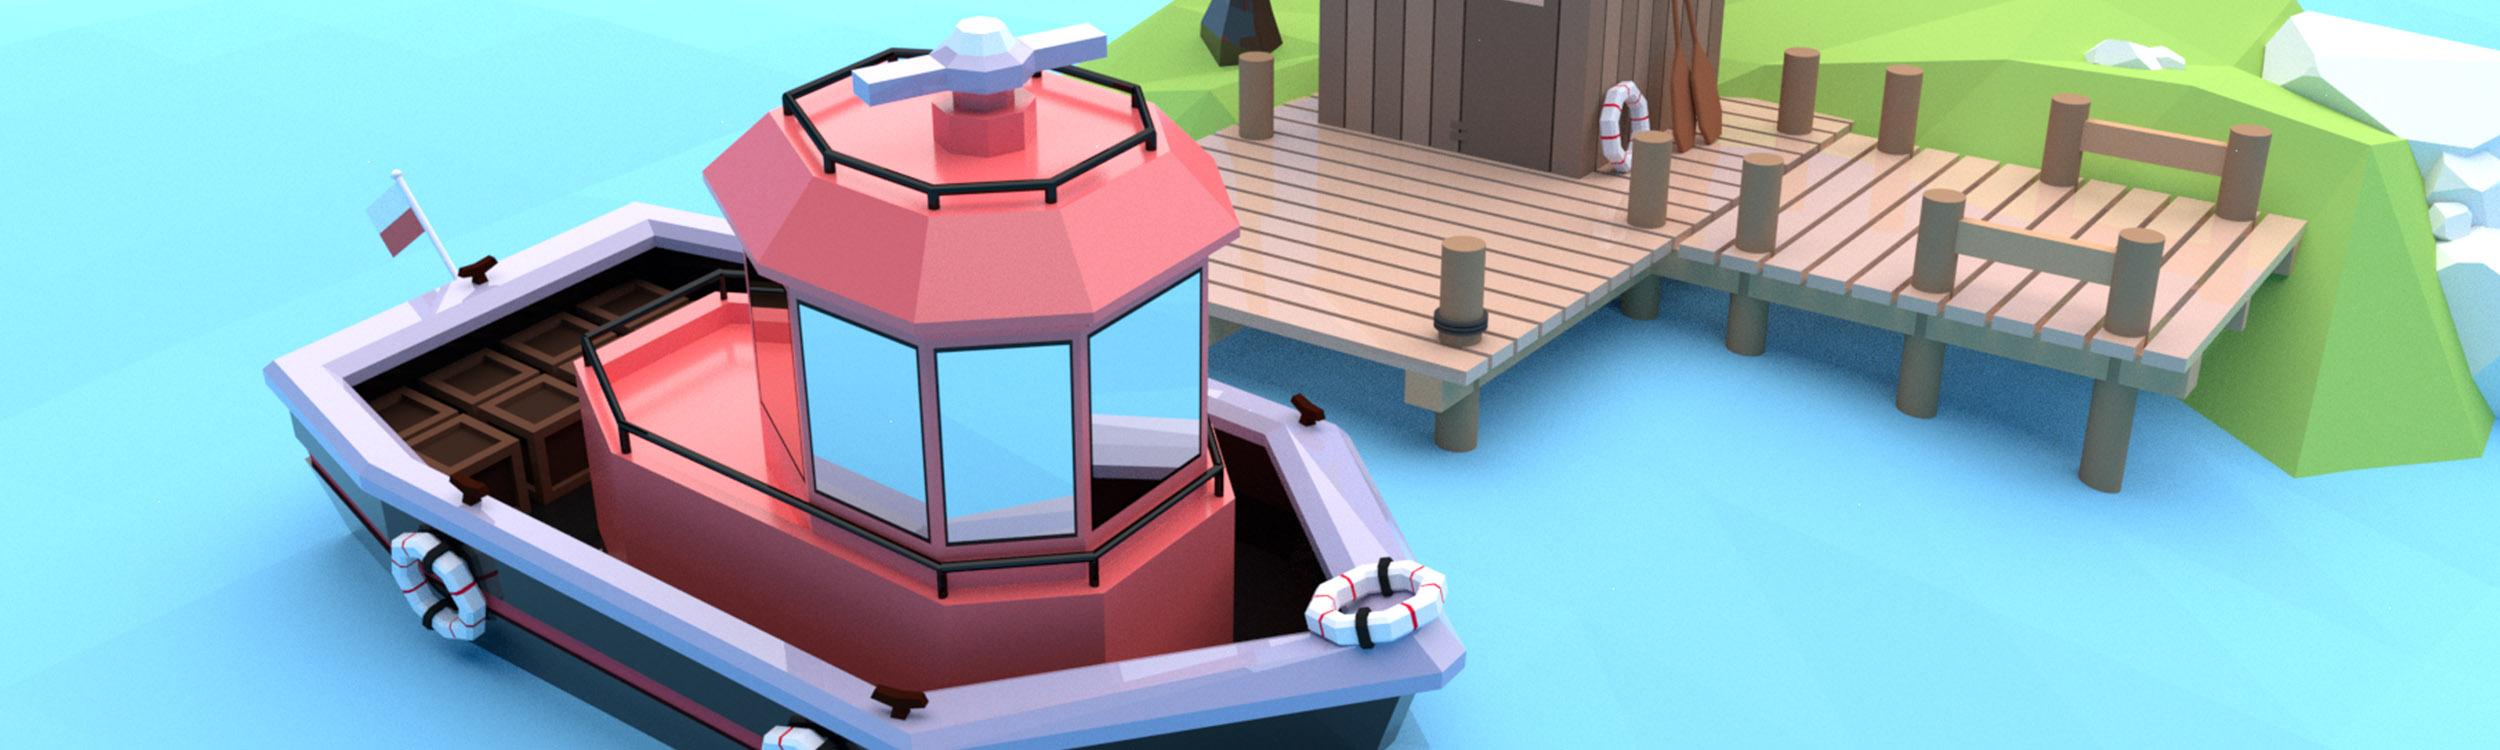 pixels can talk 3d pixel red boat big